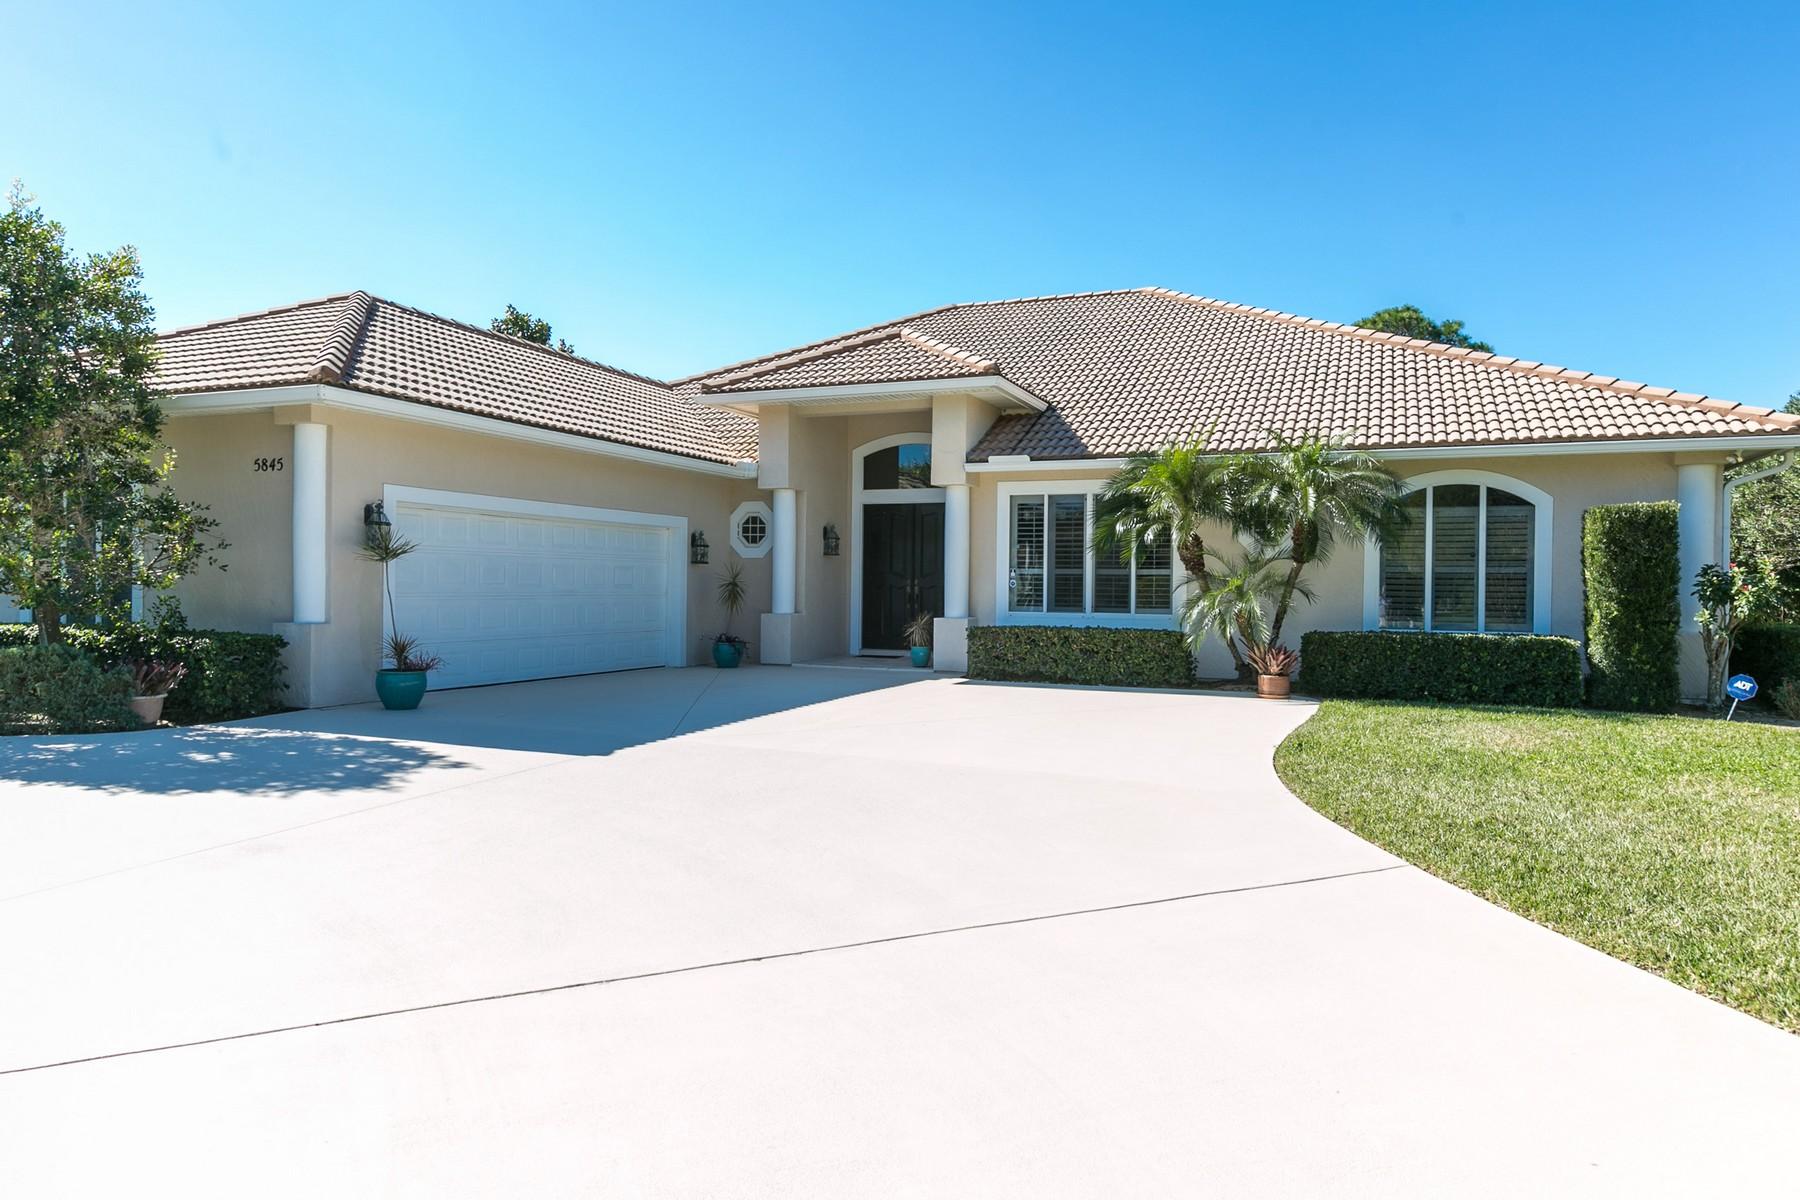 Maison unifamiliale pour l Vente à Pool Home in Bent Pine 5845 Turnberry Lane Vero Beach, Florida, 32967 États-Unis